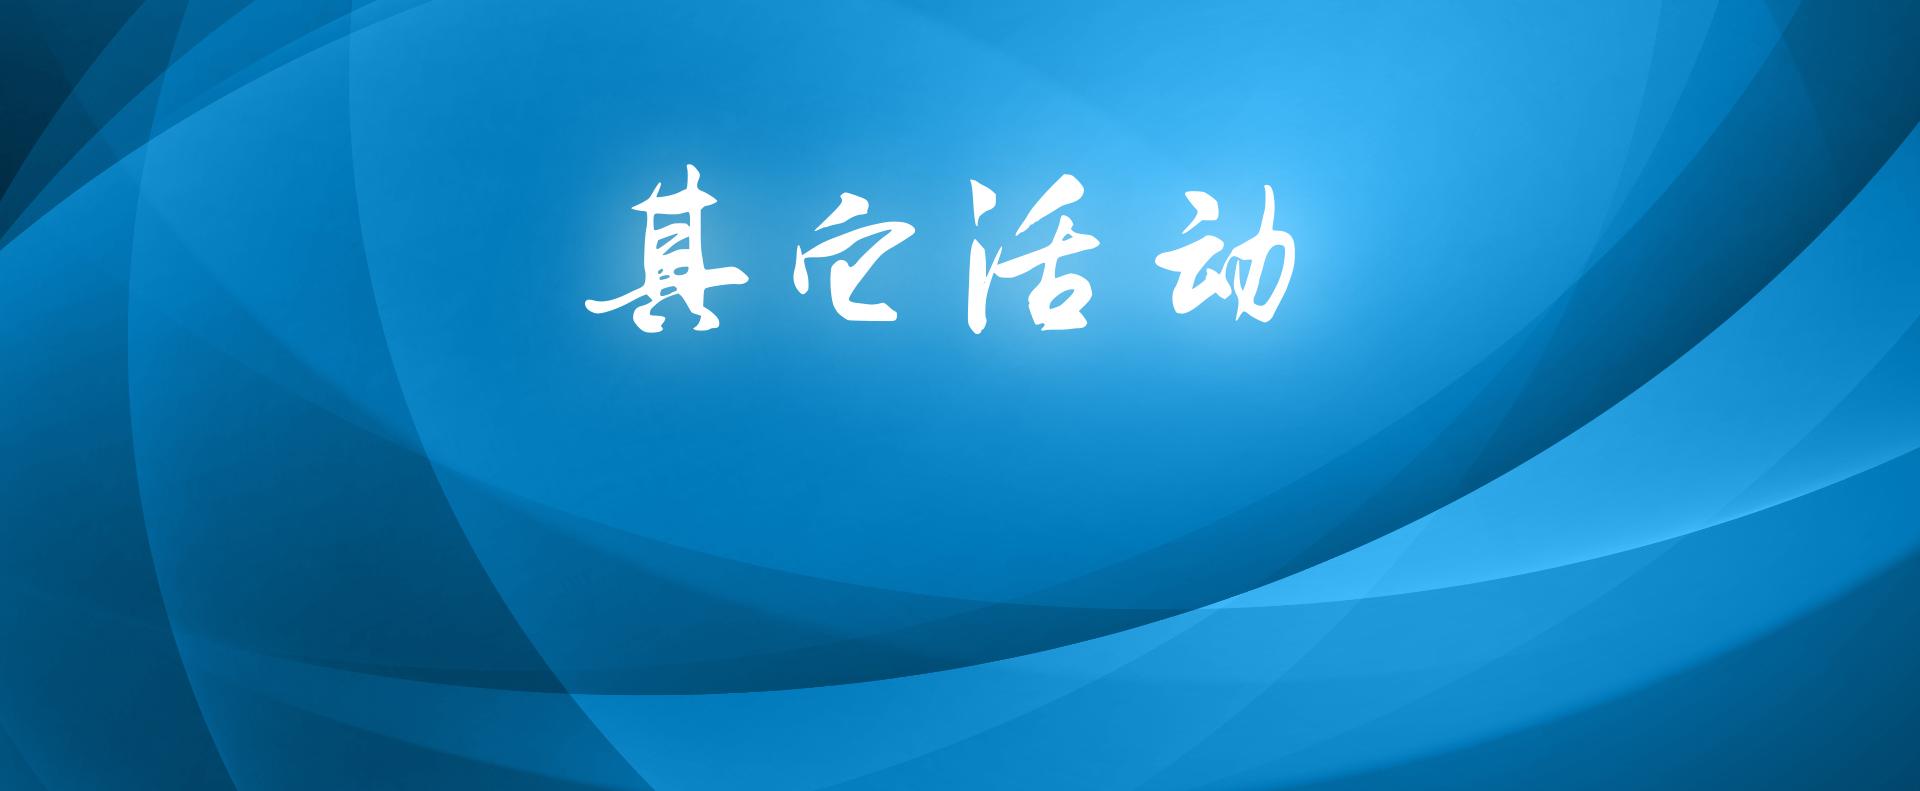 云点学堂之软件开发 - 其他活动 - 创业活动 - 创业工坊